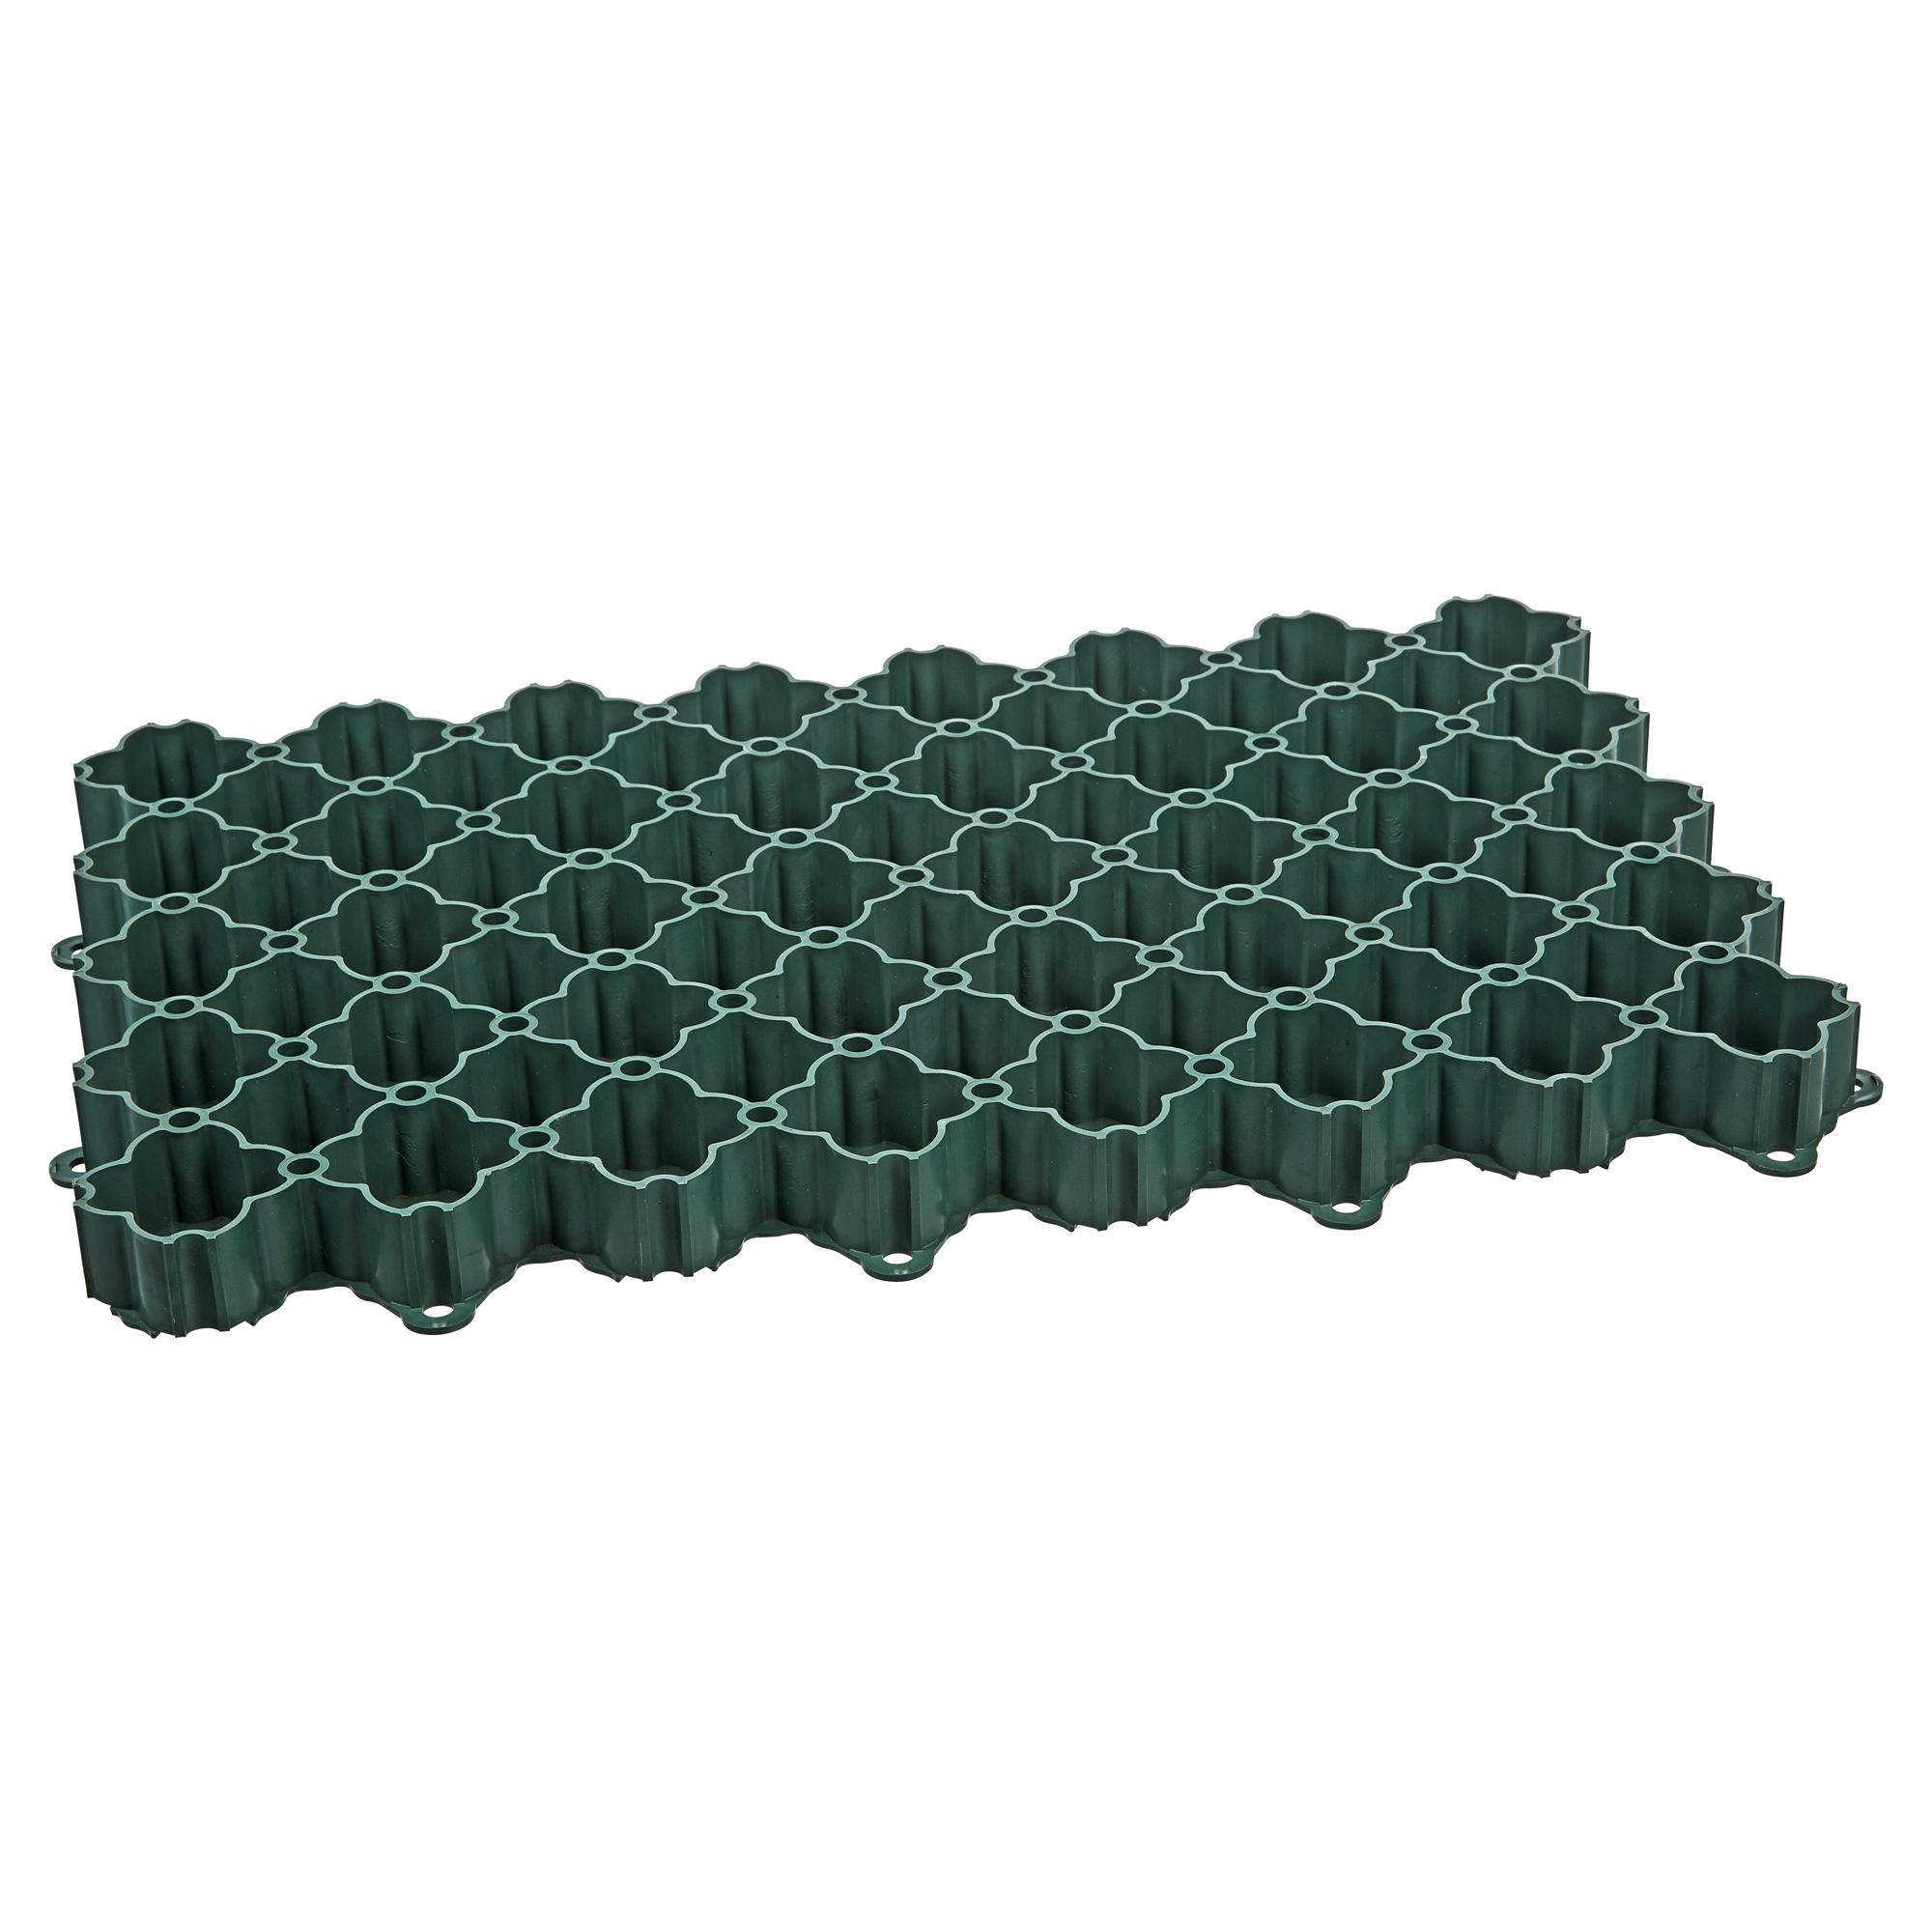 Gut bekannt ACO Rasengitterwabe Kunststoff grün 58 x 39 x 3,8 cm ǀ toom Baumarkt FY45